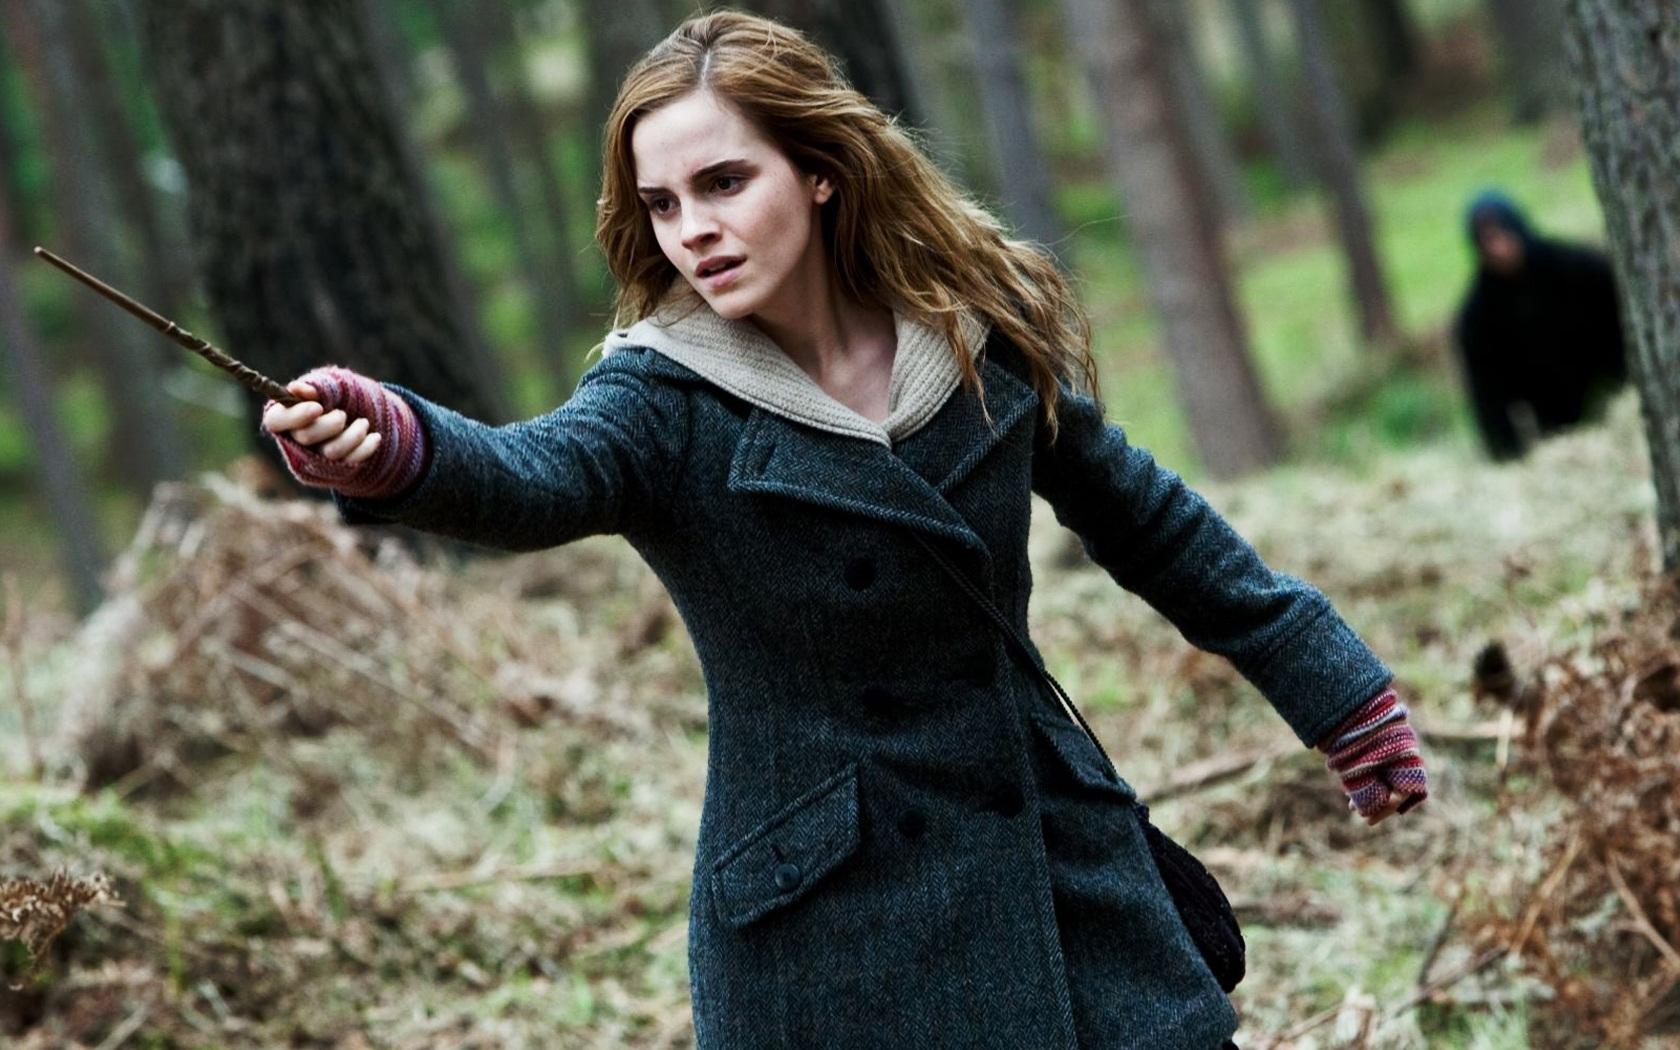 Emma Watson in HP7 wallpaper download